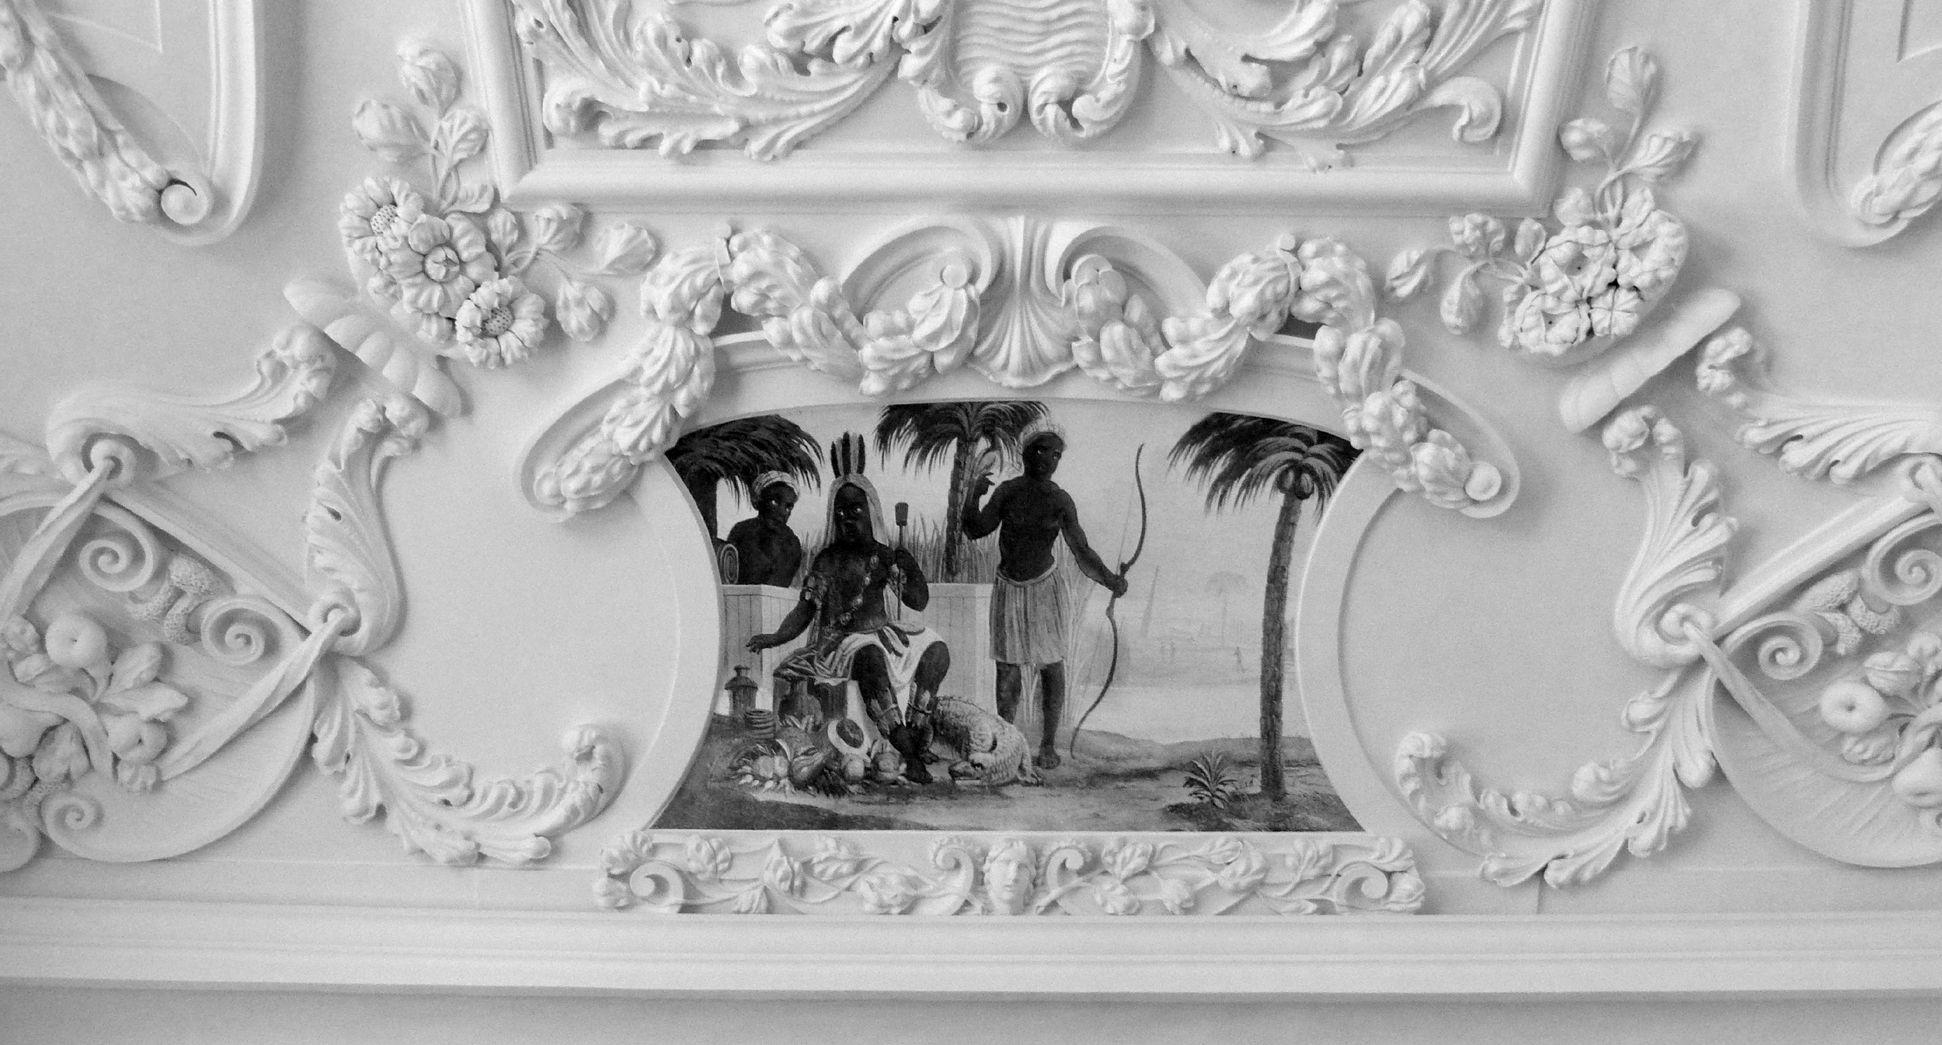 Stuckdecke aus dem Gartensaal des ehemaligen Merkelschen Anwesen östliche Stirnseite